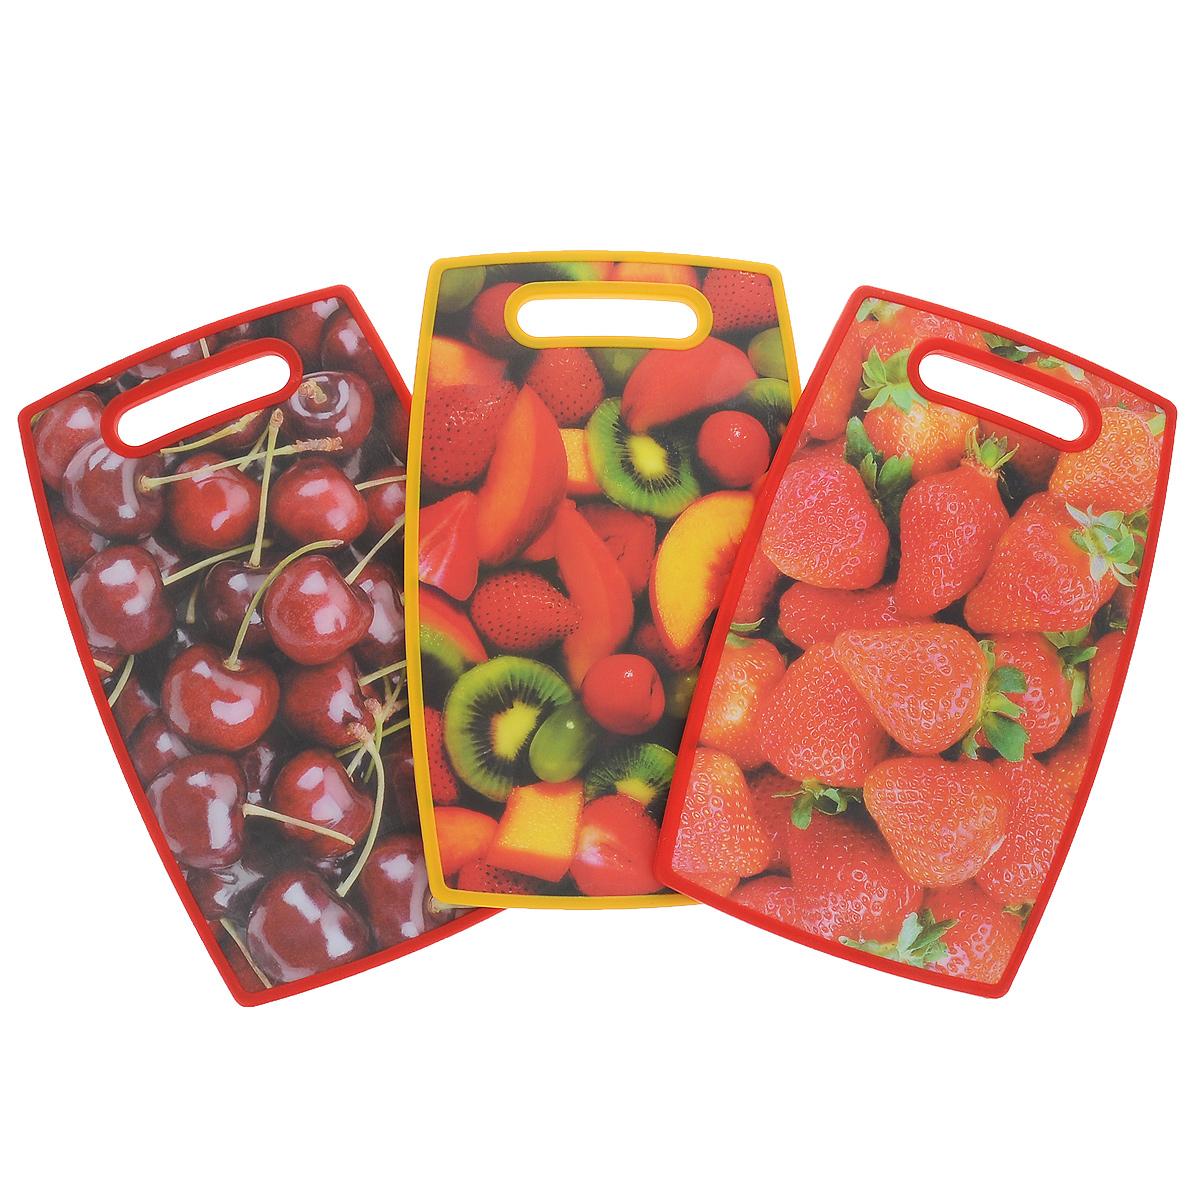 Набор разделочных досок Ягоды, цвет: красный, желтый, 3 штSH3723 (7179+7127+7009)Набор Ягоды состоит из трех прямоугольных разделочных досок. Доски выполнены из пищевого пластика с ручками. Доски оформлены изображениями вишни, клубники и нарезанных фруктов. Набор разделочных досок станет незаменимым и полезным аксессуаром на вашей кухне, который к тому же и стильно дополнит интерьер.